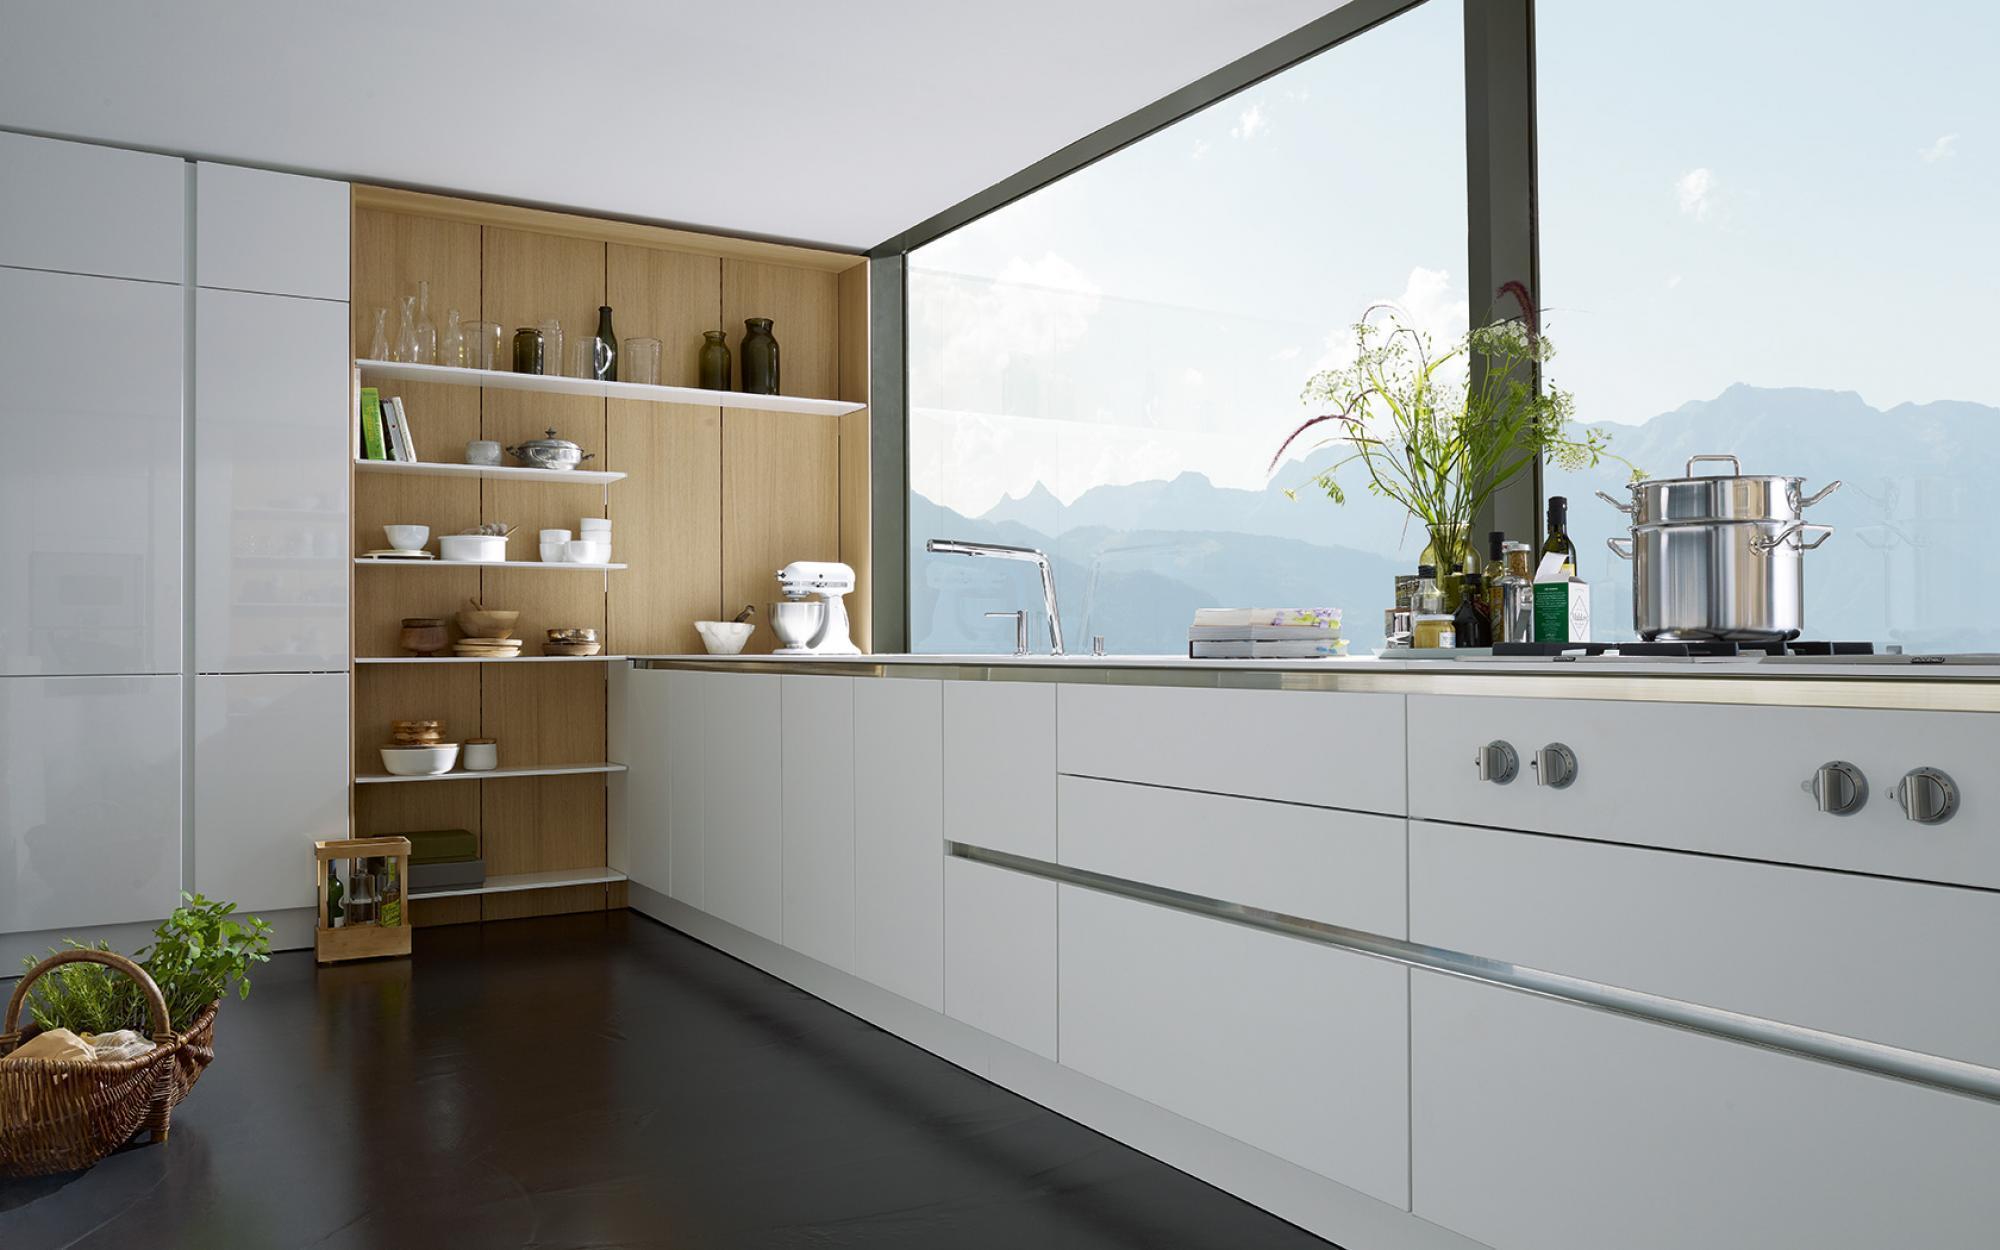 белая кухня без ручек и верхних шкафов